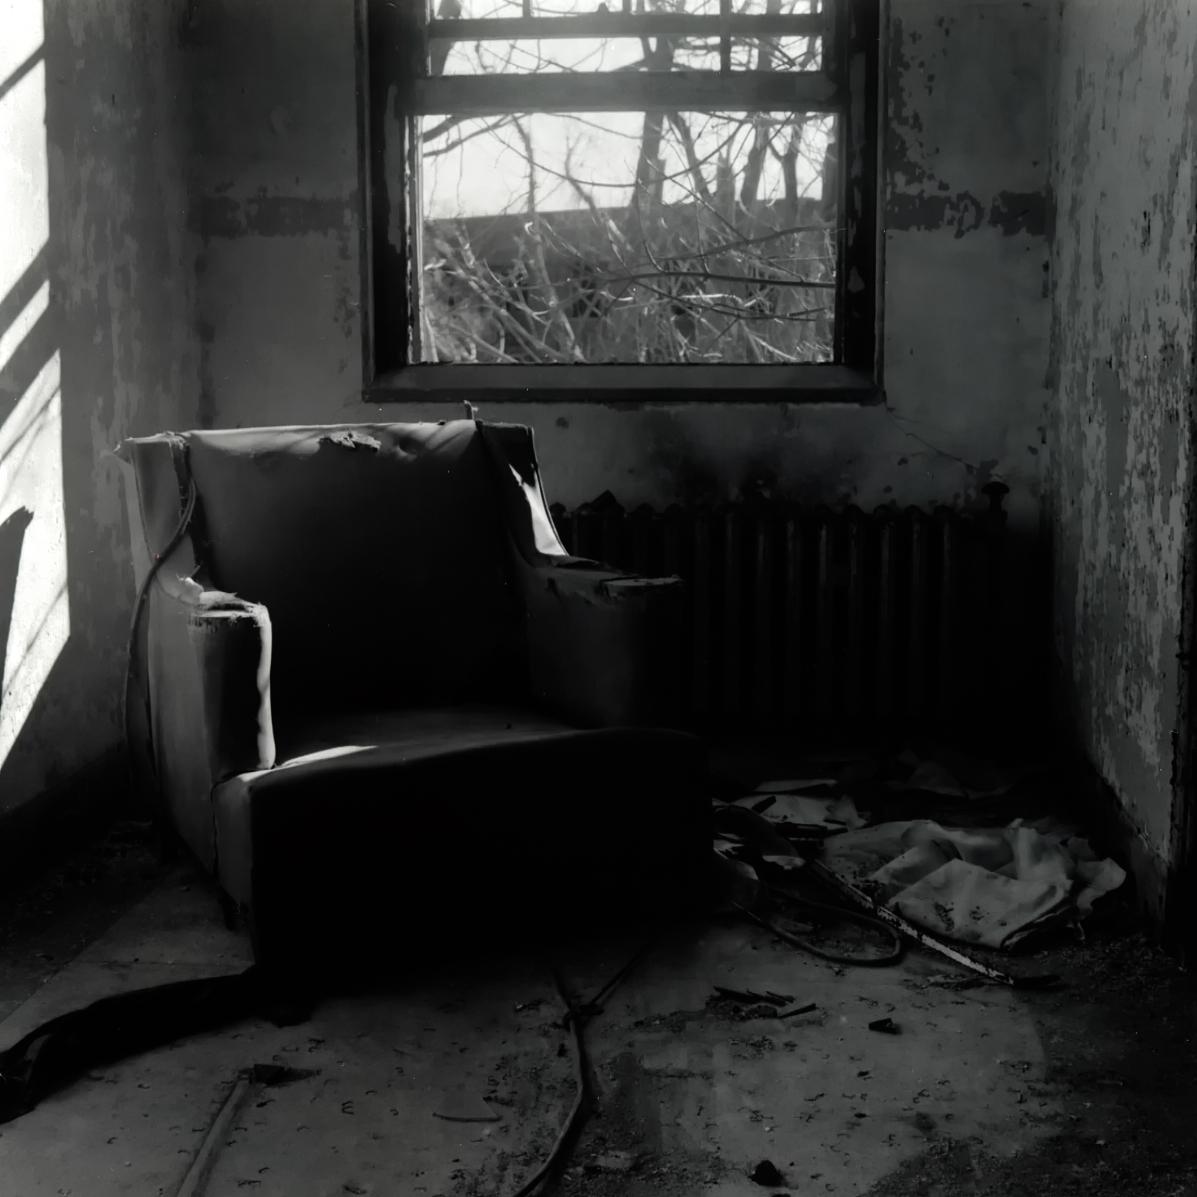 essex mountain sanatorium-10